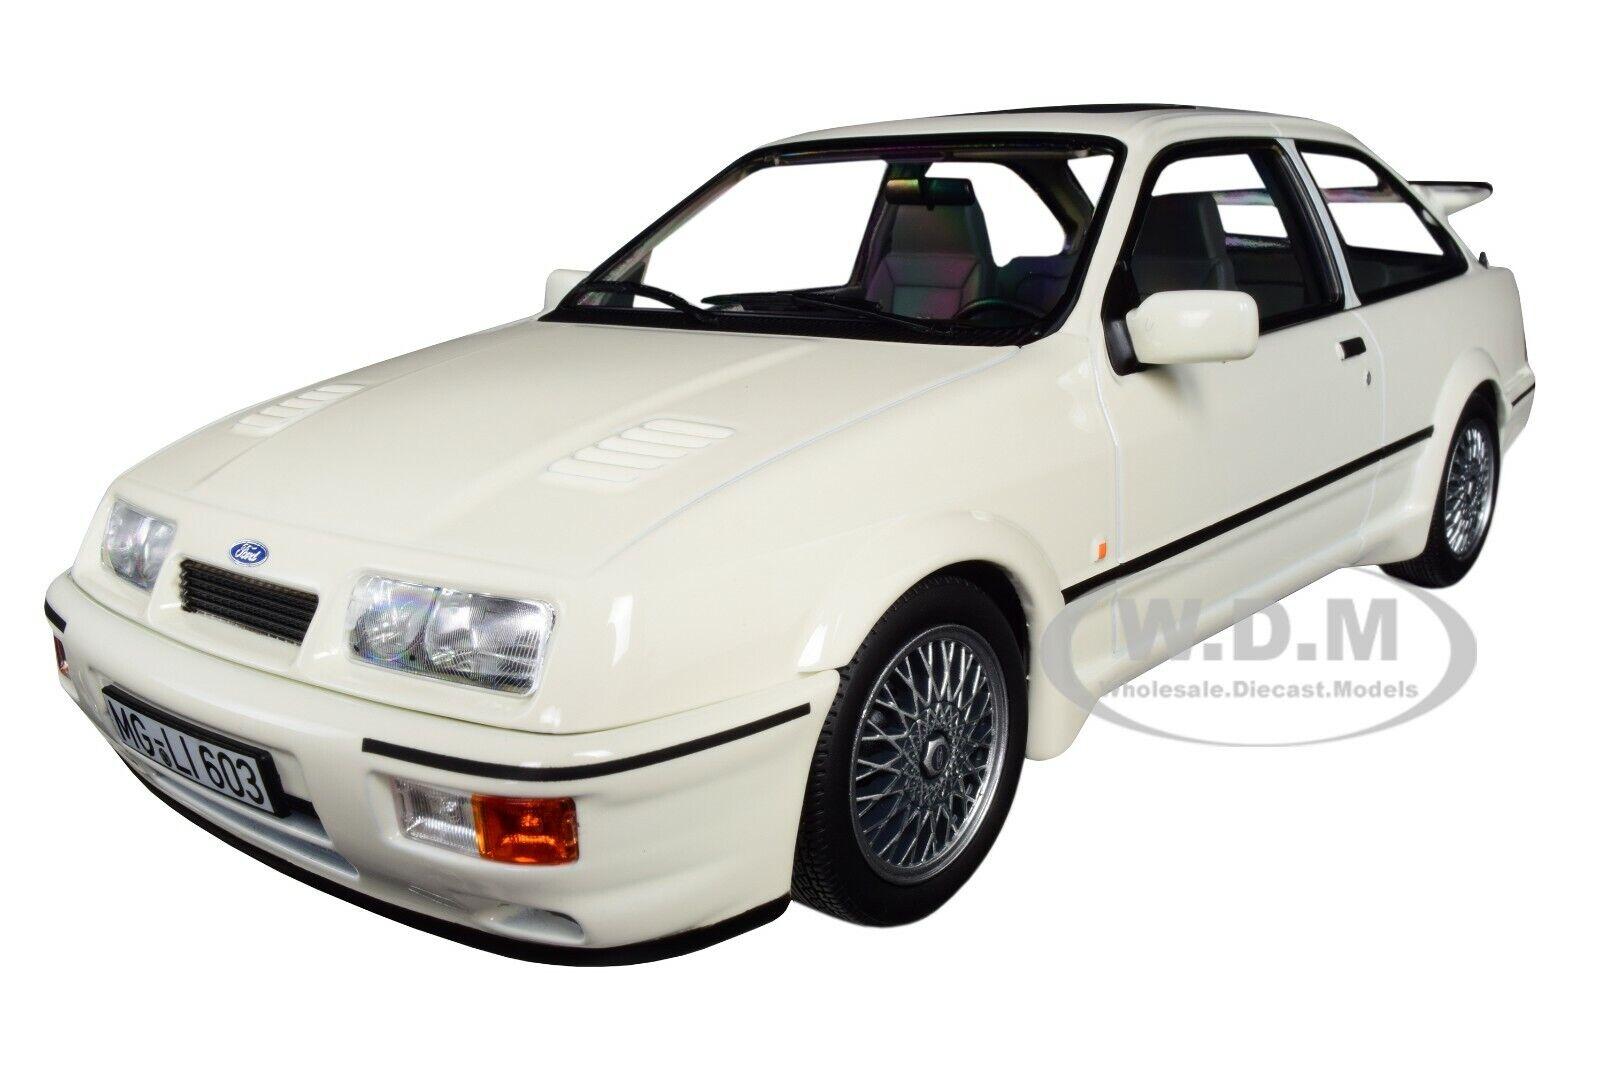 1986 FORD SIERRA RS COSWORTH Blanc 1 18 Diecast  voiture modèle par NOREV 182771  le style classique